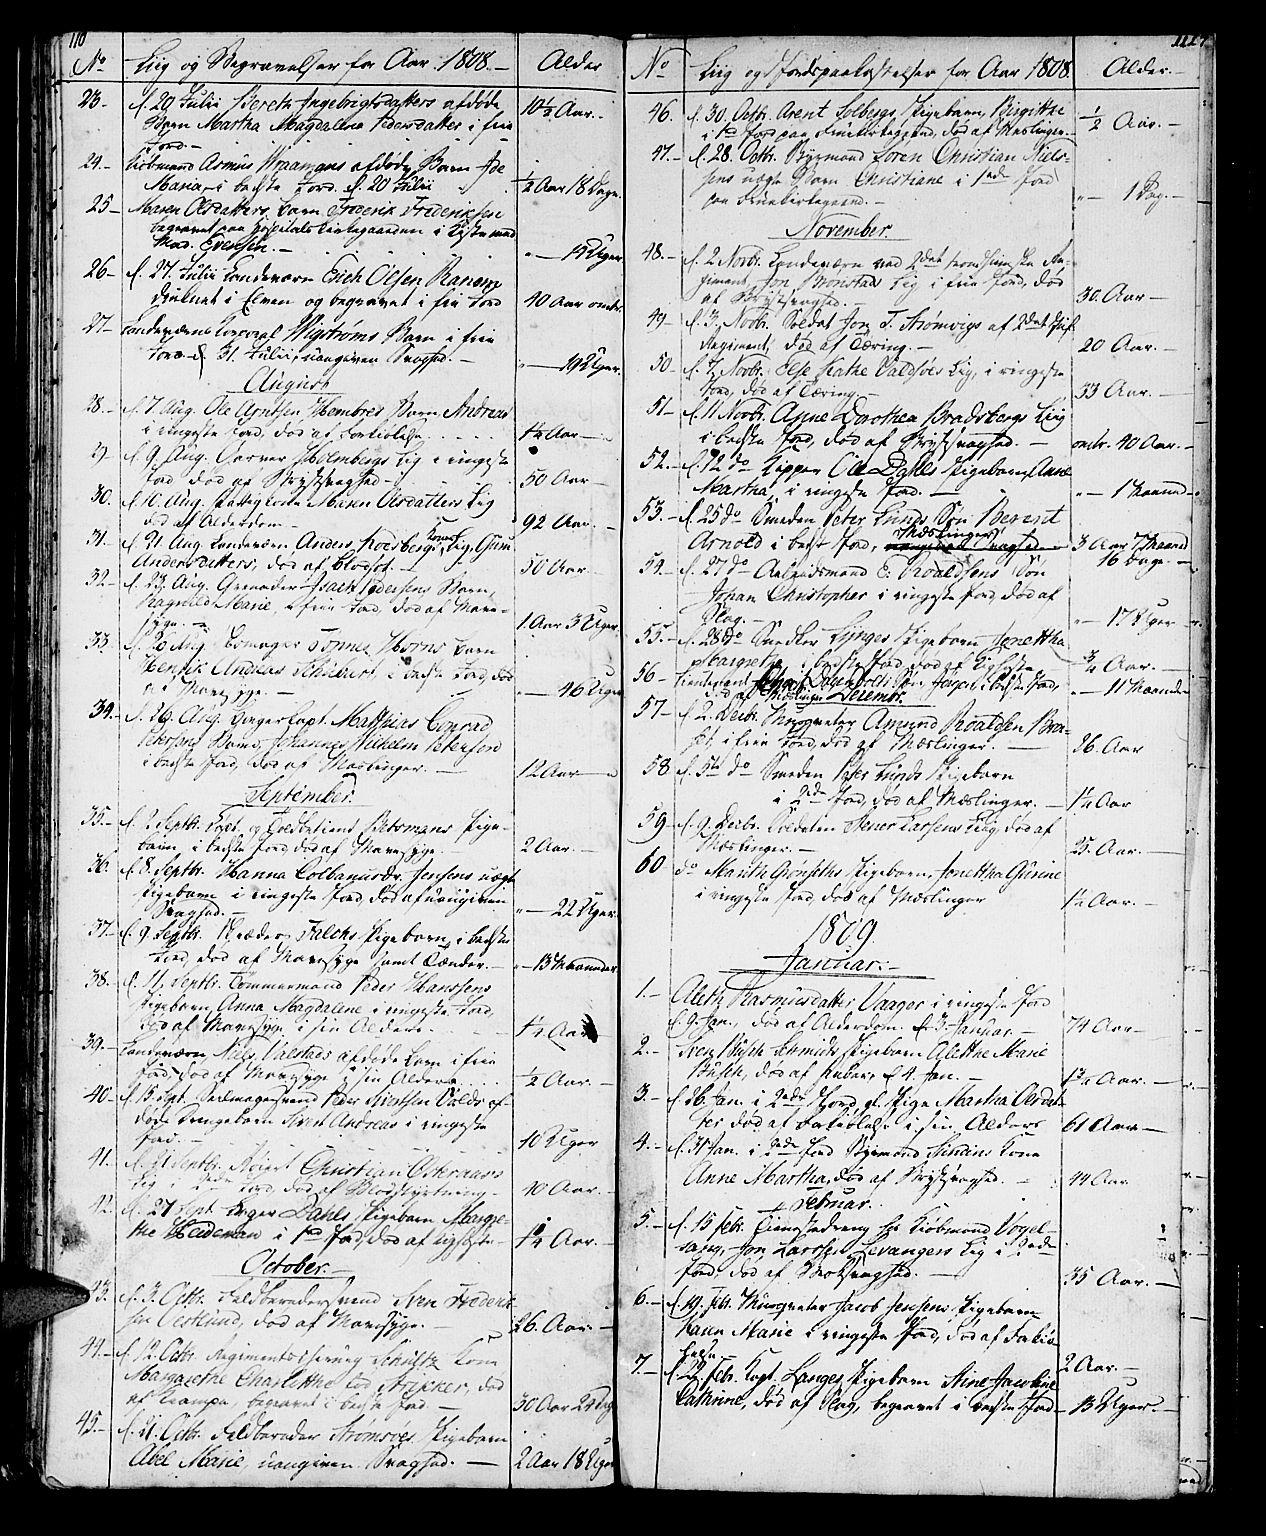 SAT, Ministerialprotokoller, klokkerbøker og fødselsregistre - Sør-Trøndelag, 602/L0134: Klokkerbok nr. 602C02, 1759-1812, s. 110-111